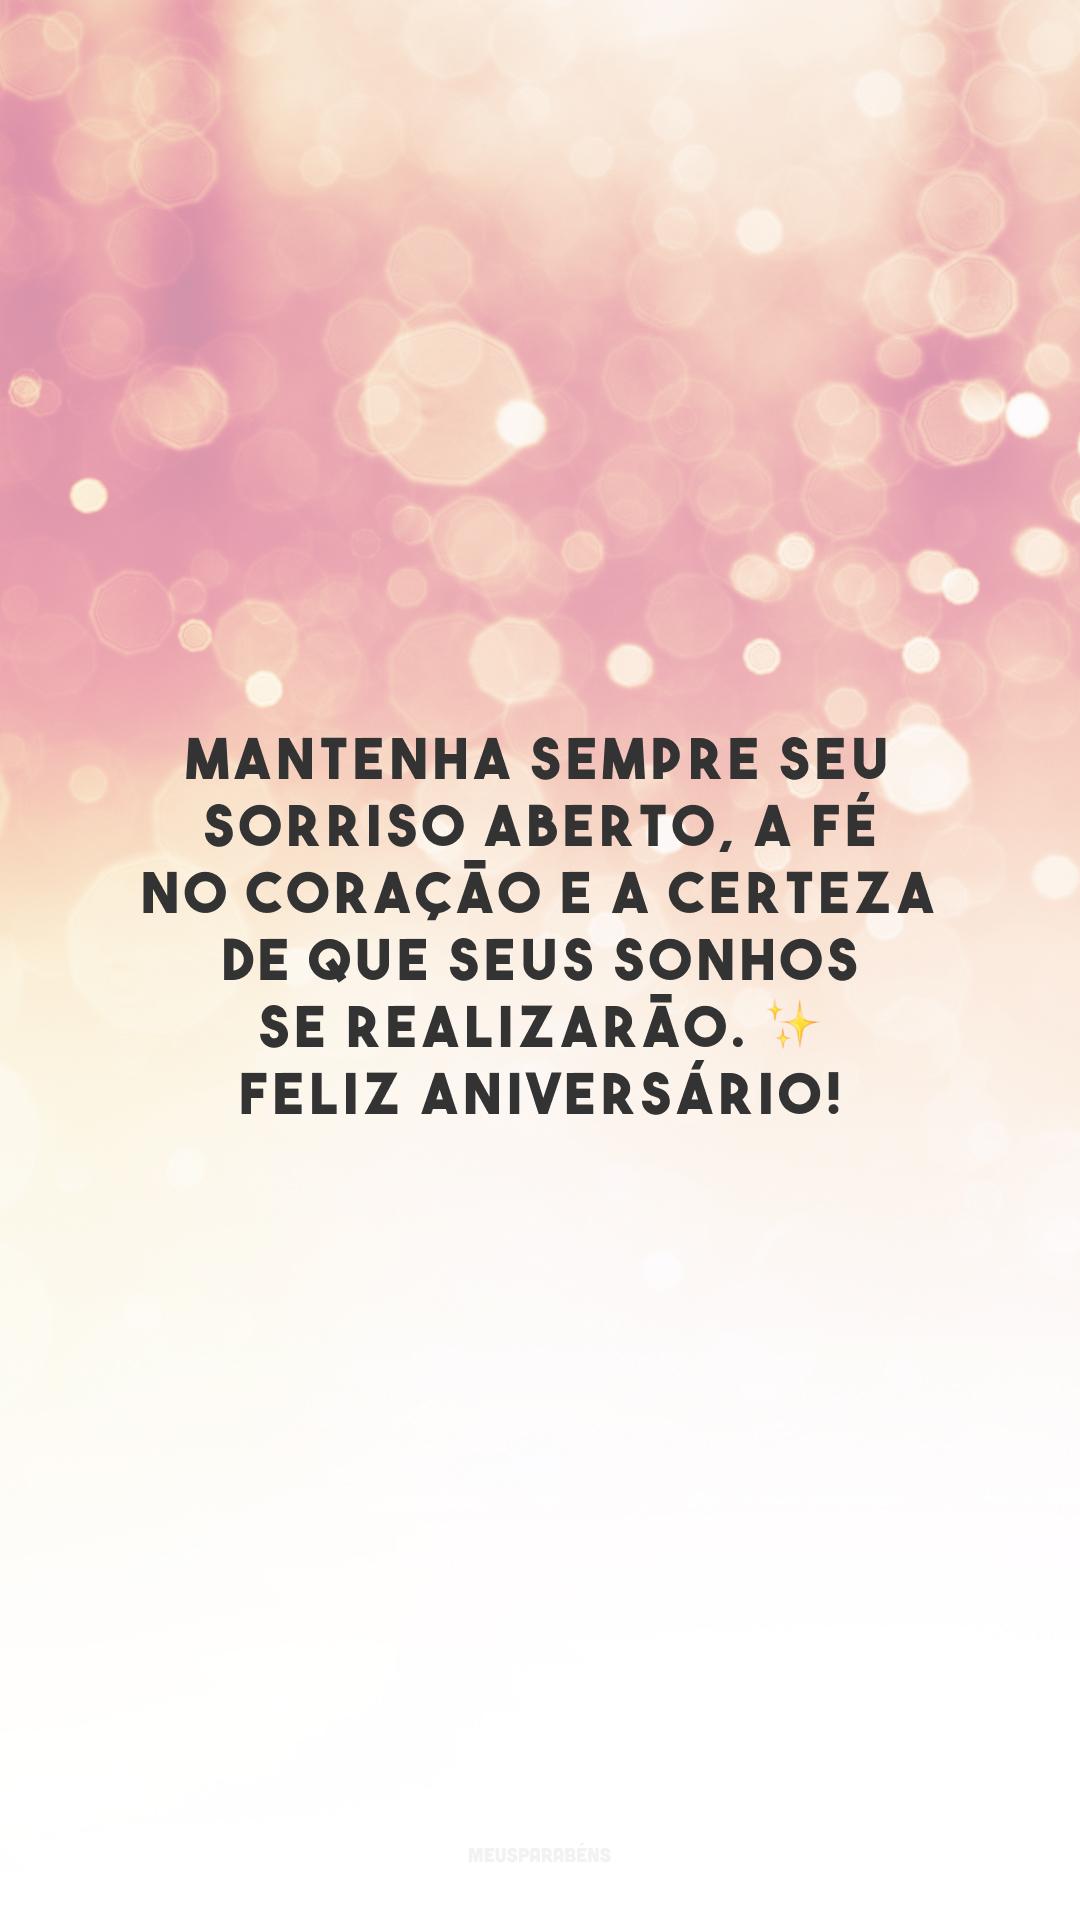 Mantenha sempre seu sorriso aberto, a fé no coração e a certeza de que seus sonhos se realizarão. ✨ Feliz aniversário!